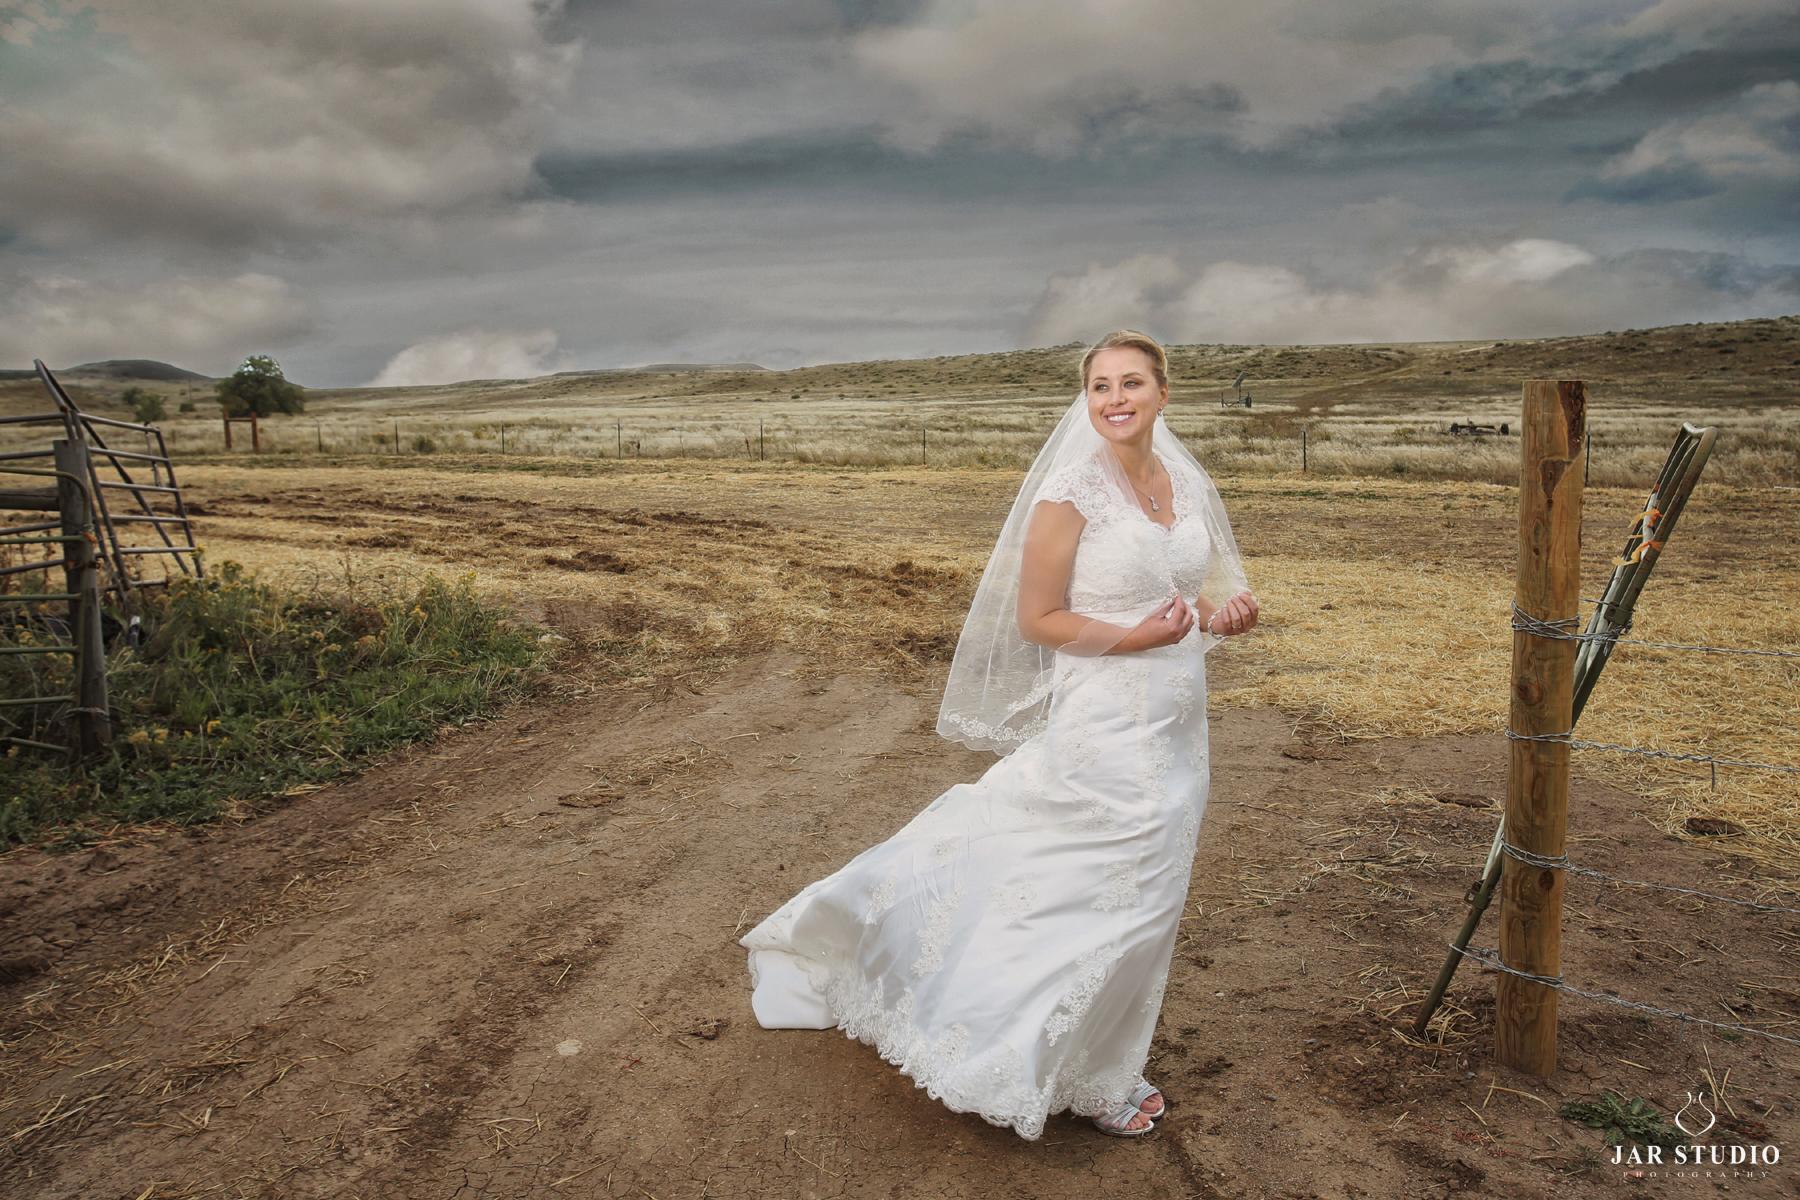 04-unique-fun-bride-portraits-jarstudio-photography.jpg